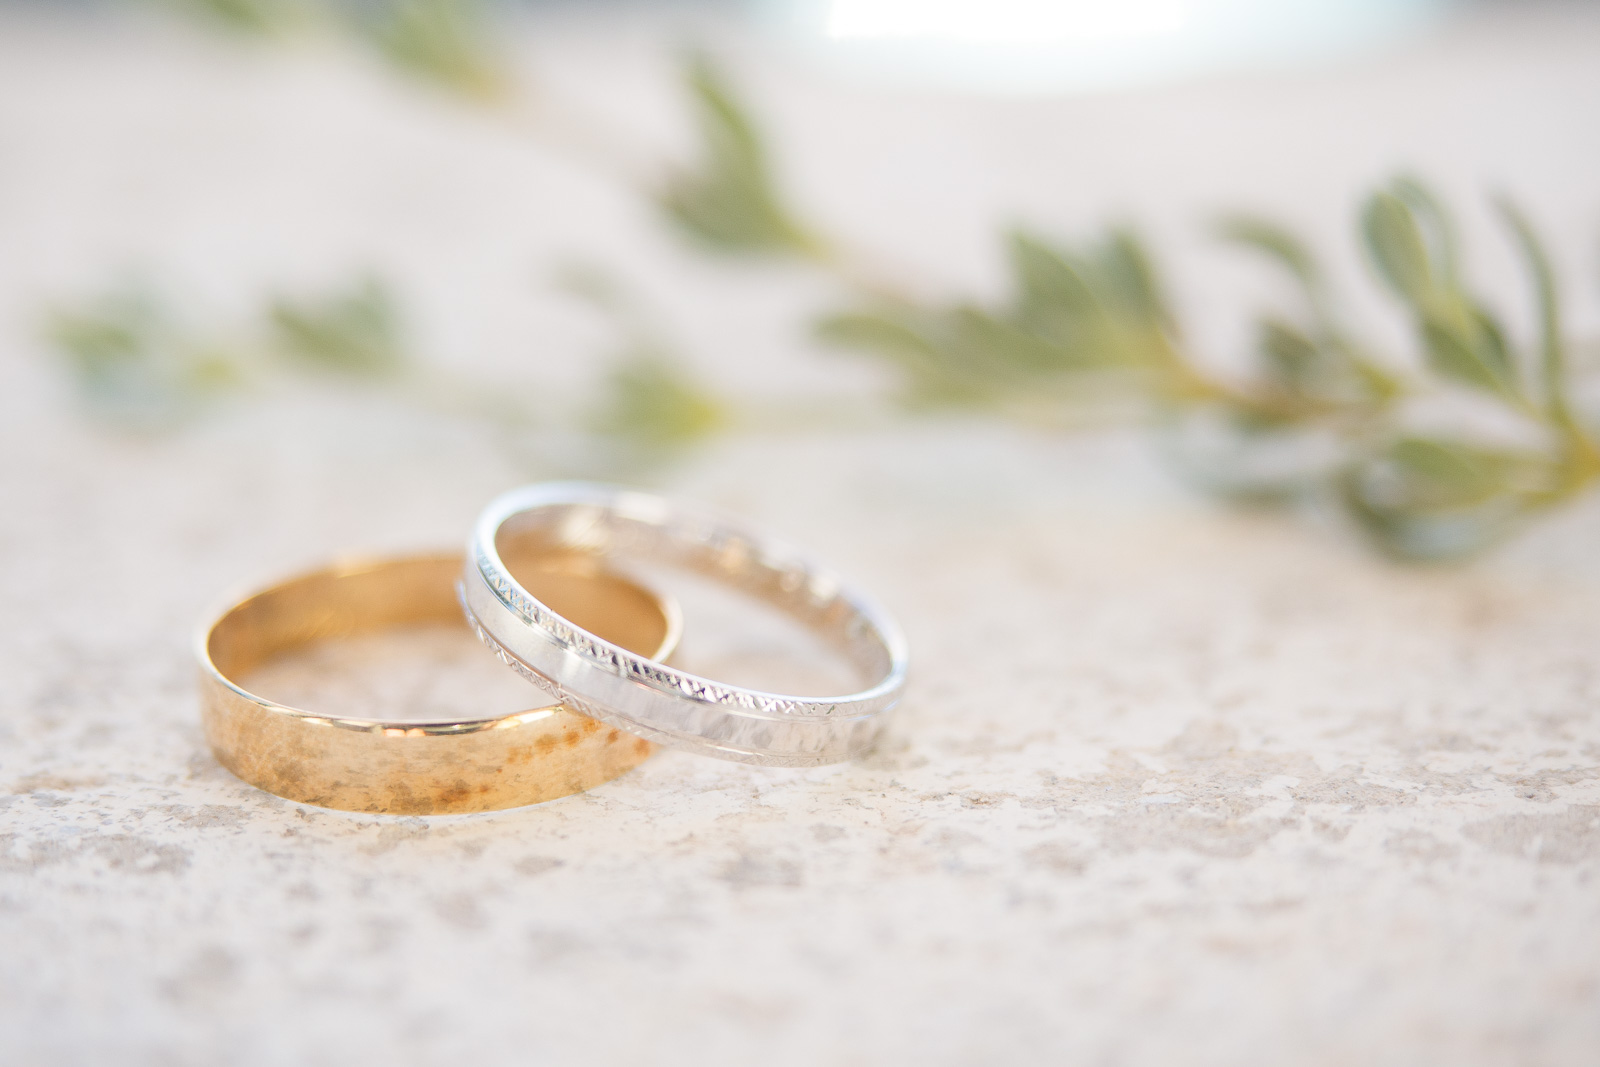 gros plan sur les alliances de mariage sur du marbre portugais. Or jaune et Or blanc